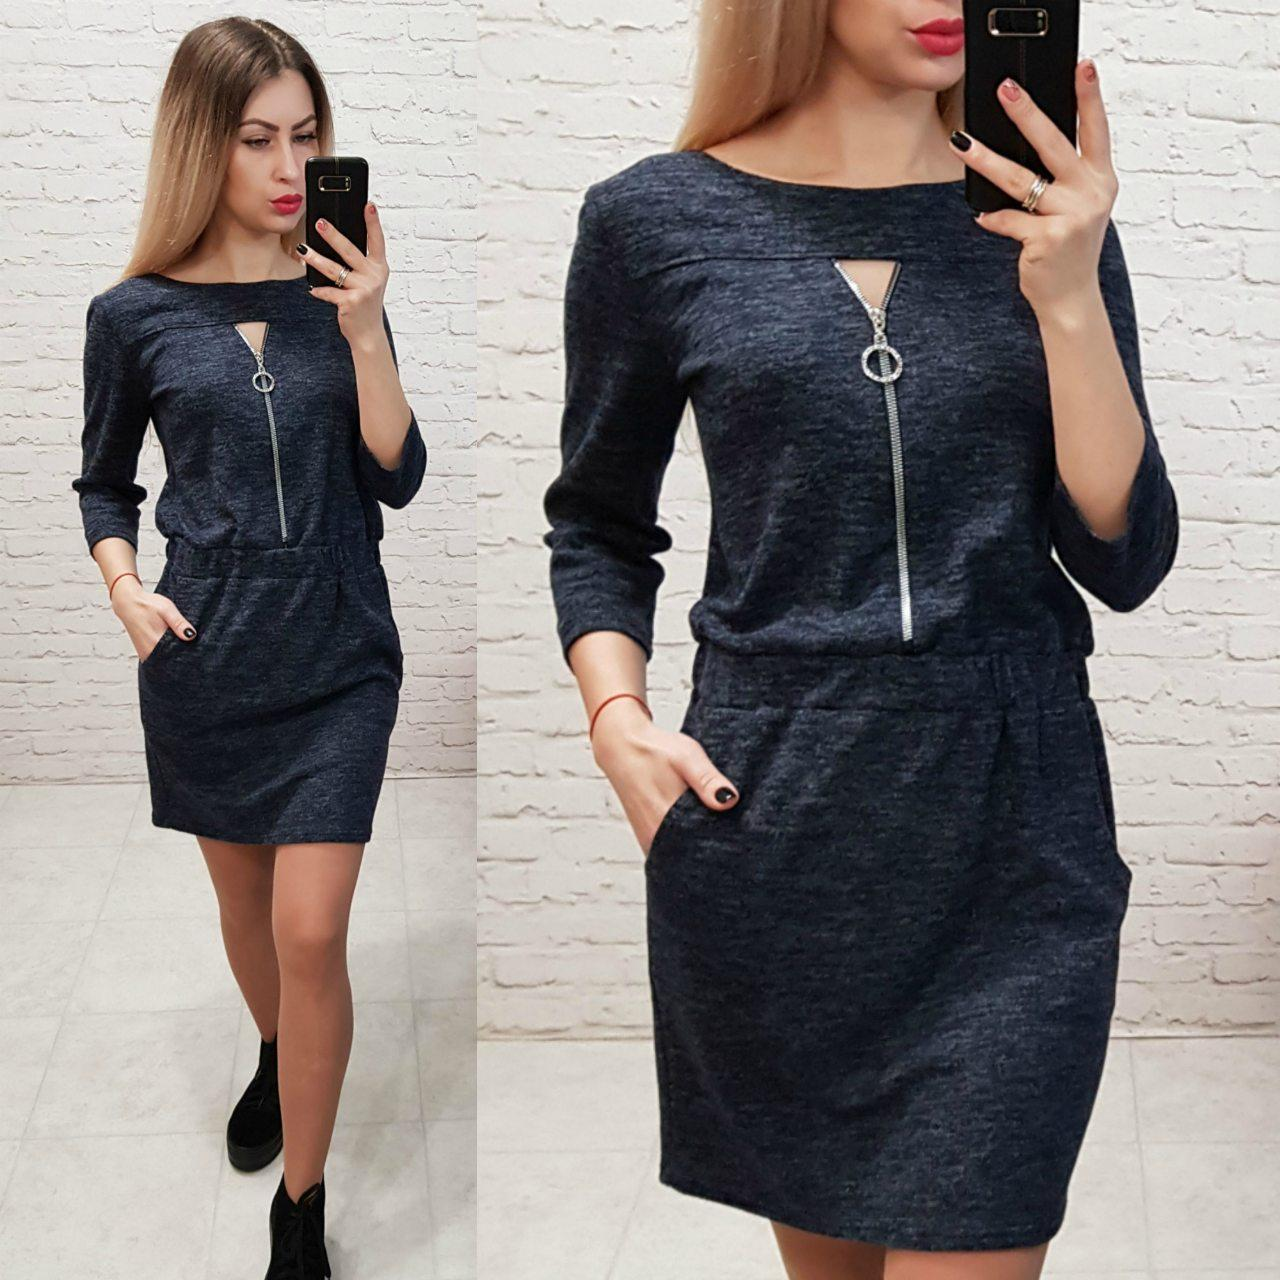 Платье с молнией, меланж, модель 151, цвет - темно синий